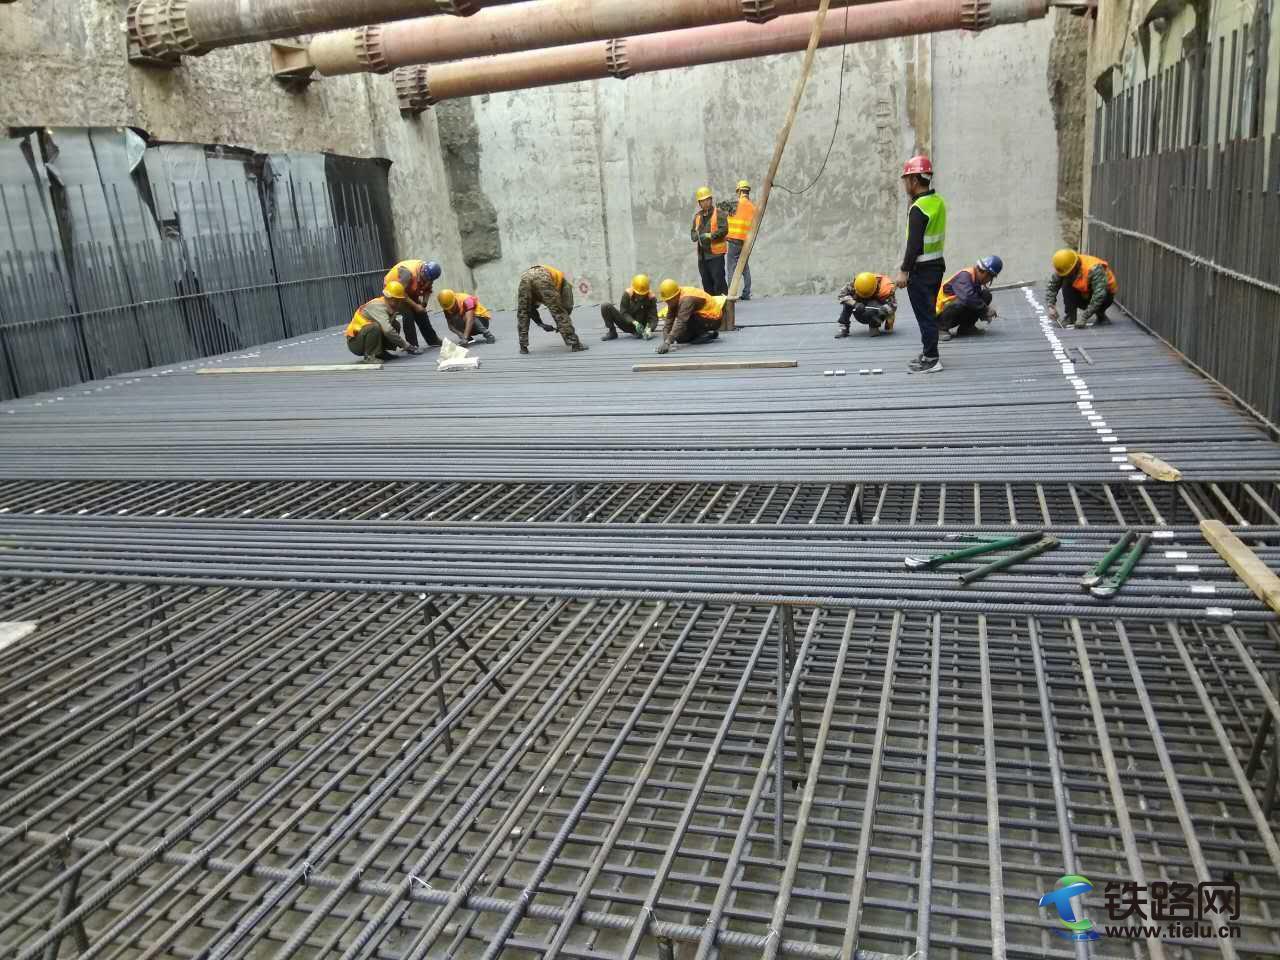 哈尔滨地铁工-省区间明挖停车线段第一段地板钢筋开始绑扎.jpg